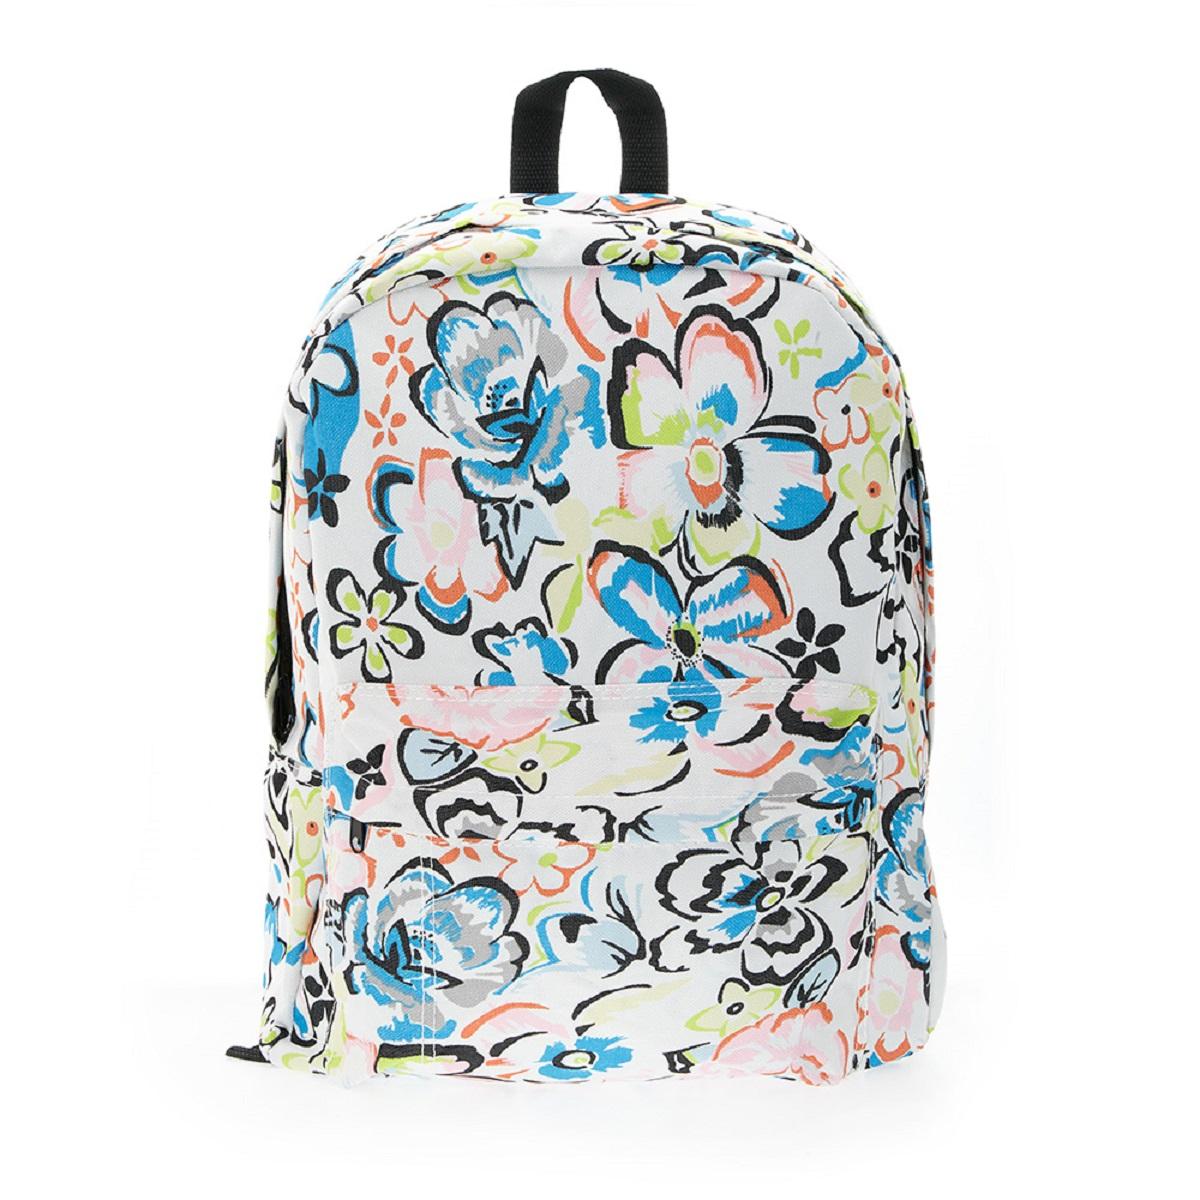 Рюкзак городской 3D Bags Цветы, 16 л3DBC409Стильный, вместительный и практичный, рюкзак понравится и школьникам, и студентам. Просторный внутренний отсек, наружний карман на молнии будут очень удобны в использовании.